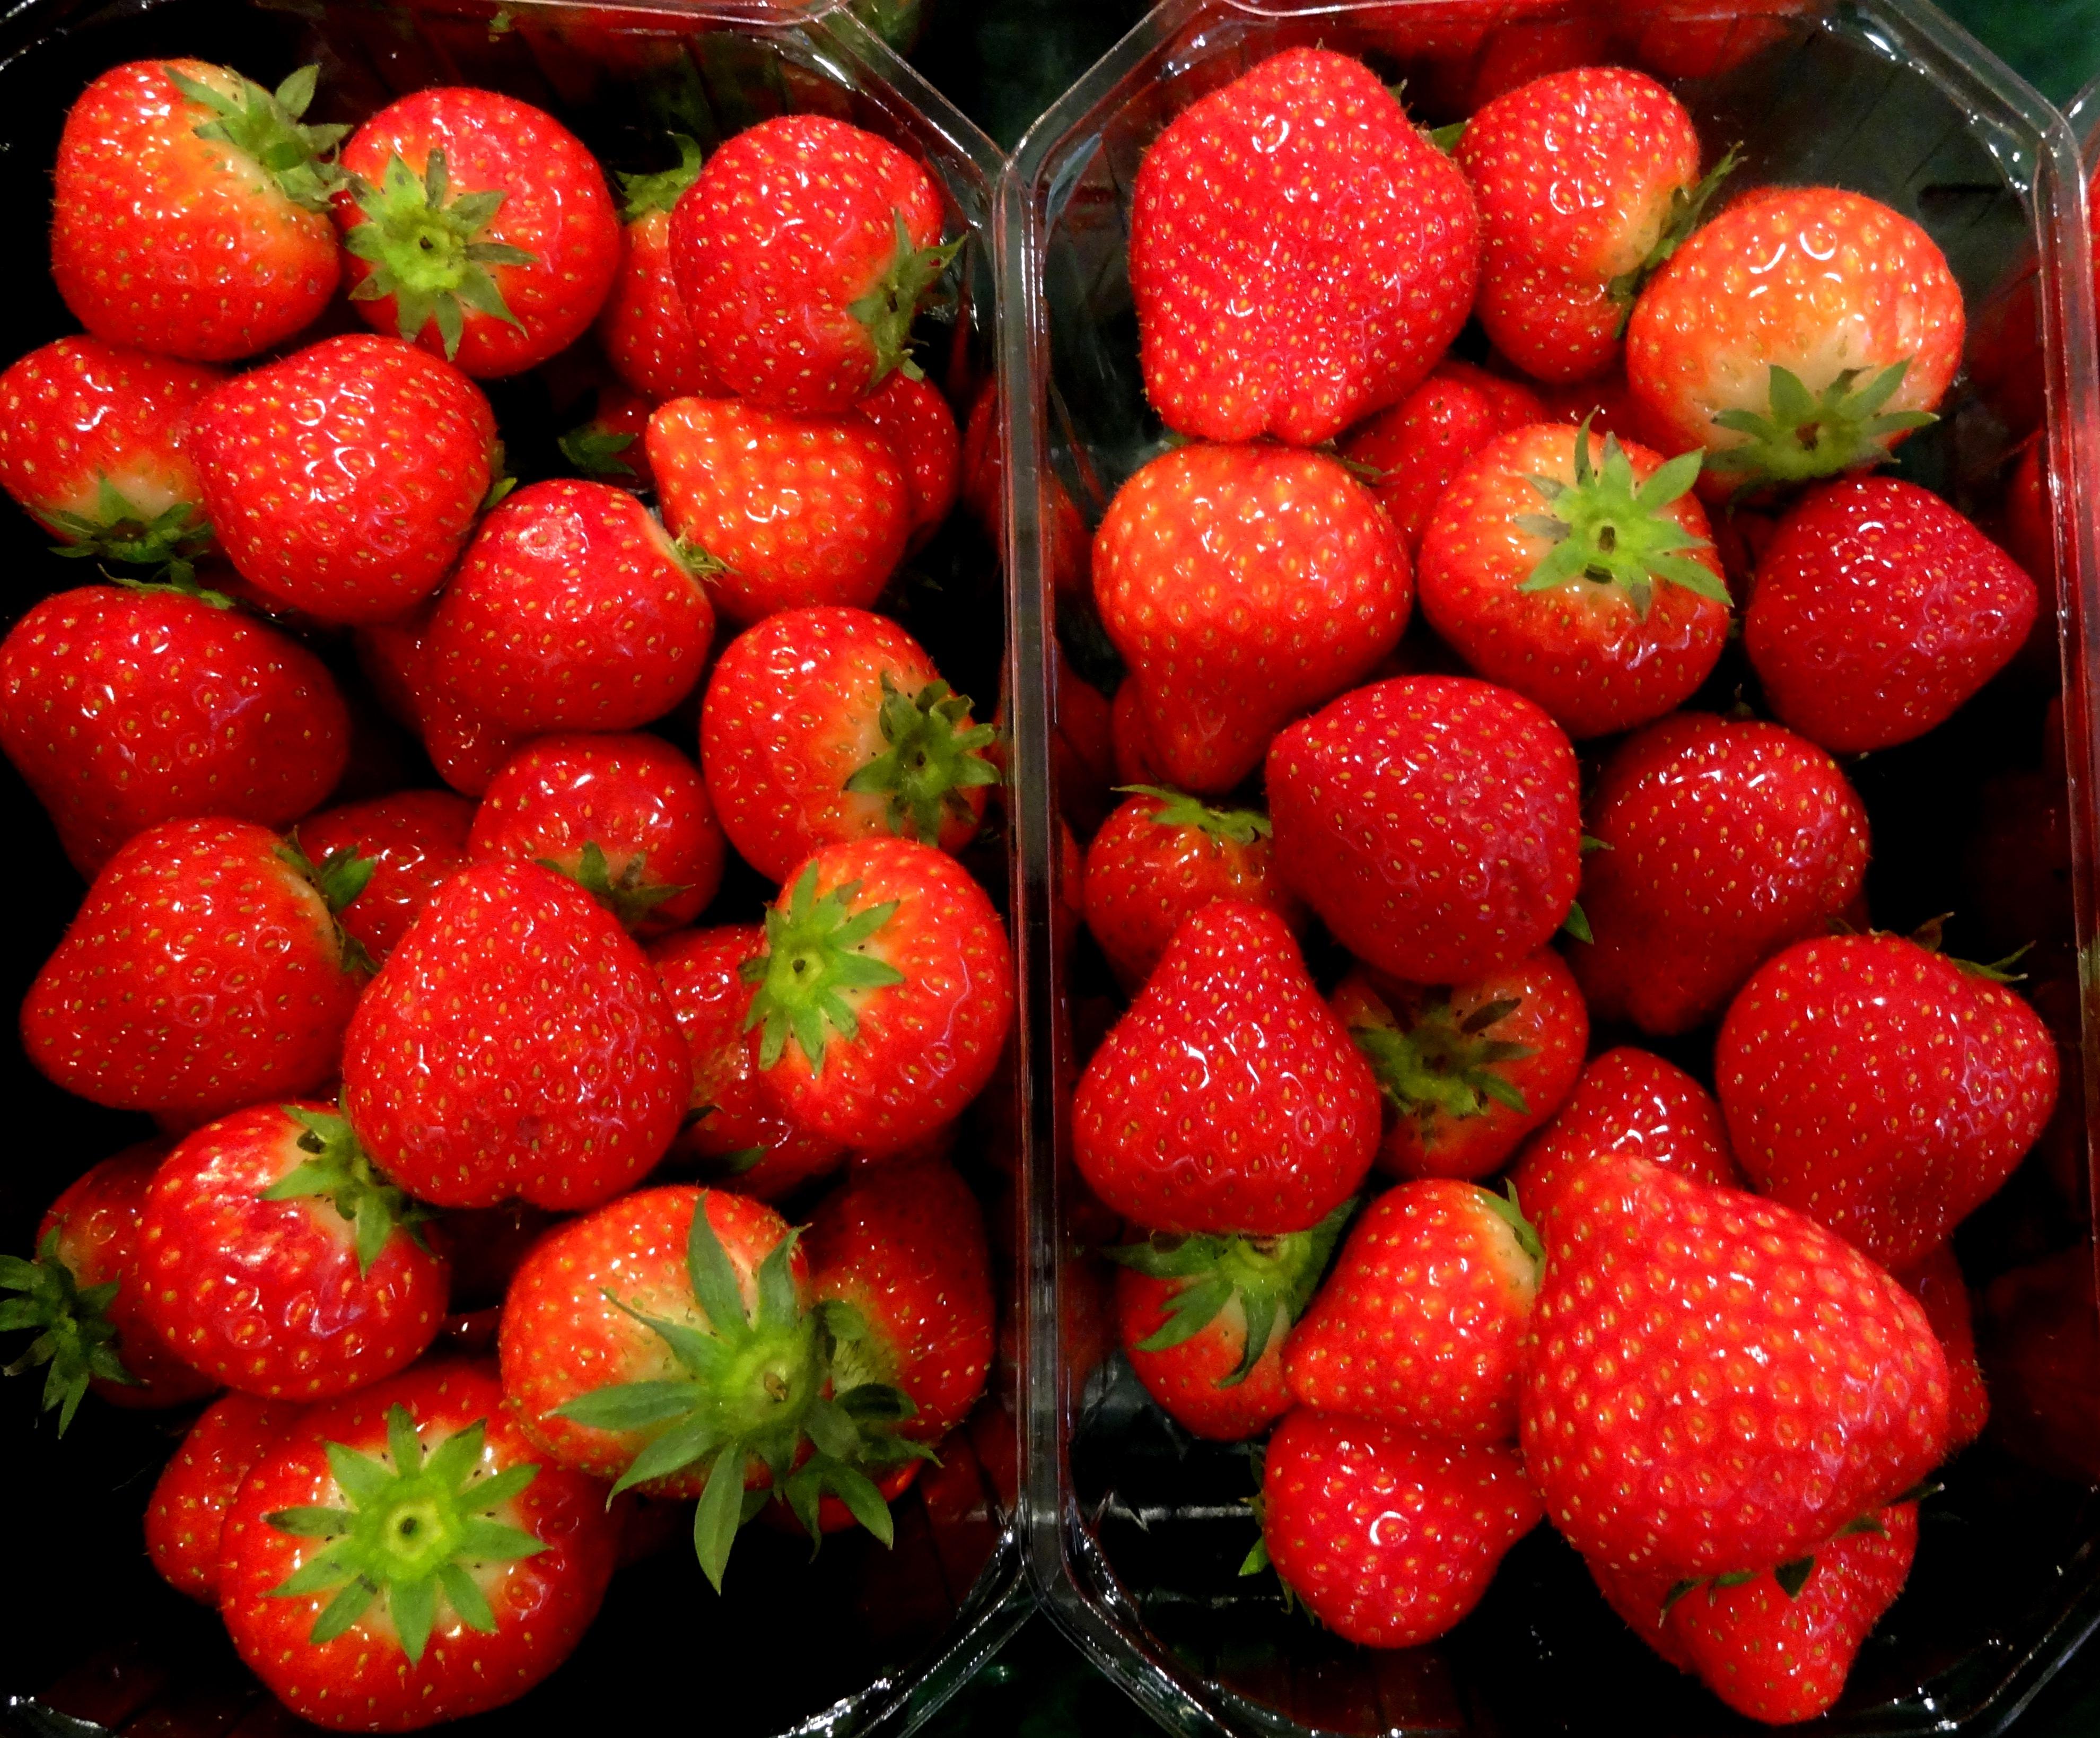 erdbeeren pflege erdbeeren pflanzen pflege und ernte erdbeeren mit pflege zum roten genuss aus. Black Bedroom Furniture Sets. Home Design Ideas